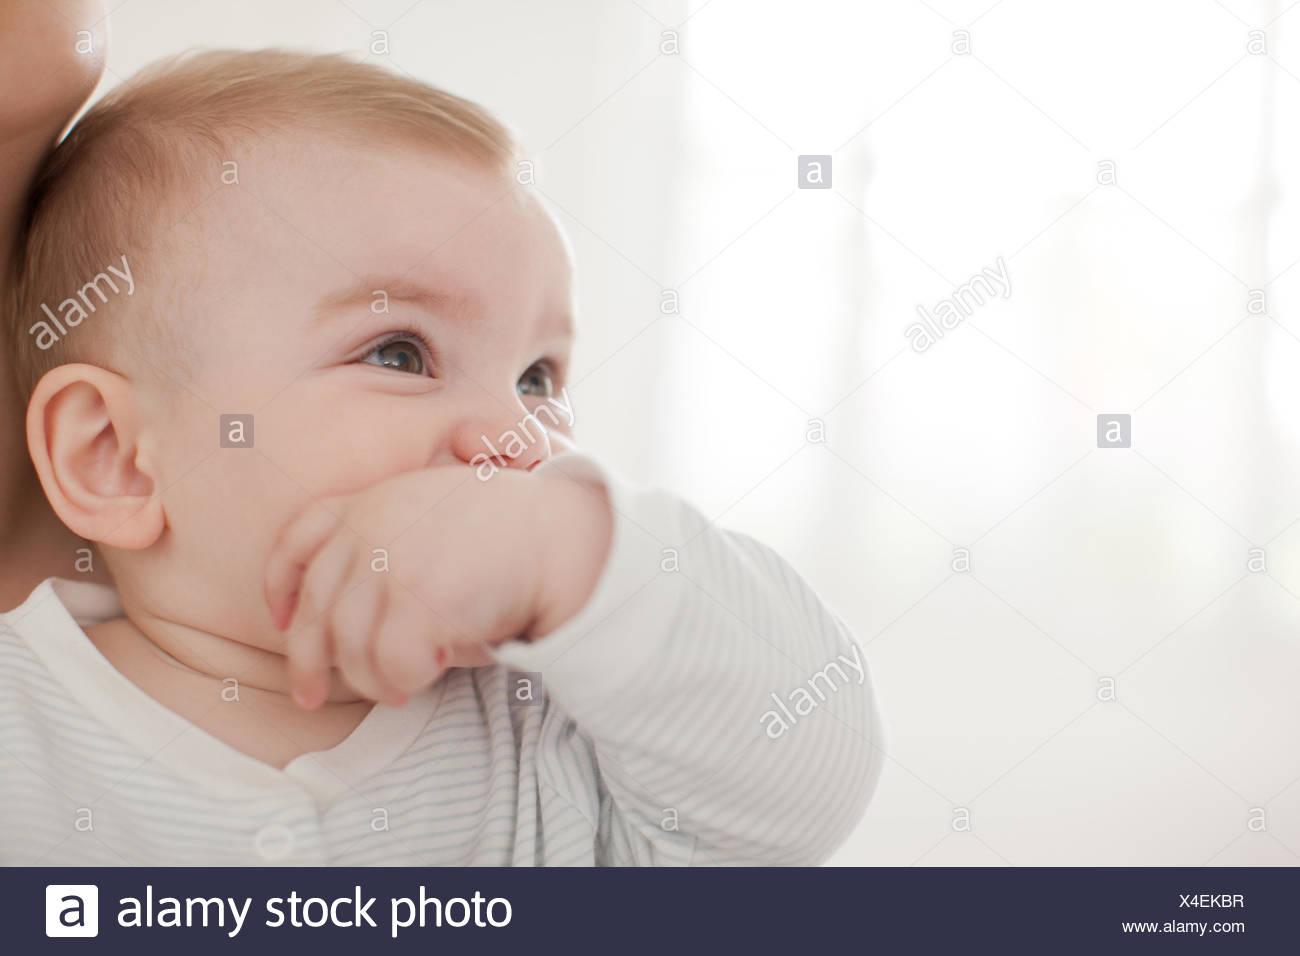 Bebé mordiendo el dedo pulgar en la boca Imagen De Stock